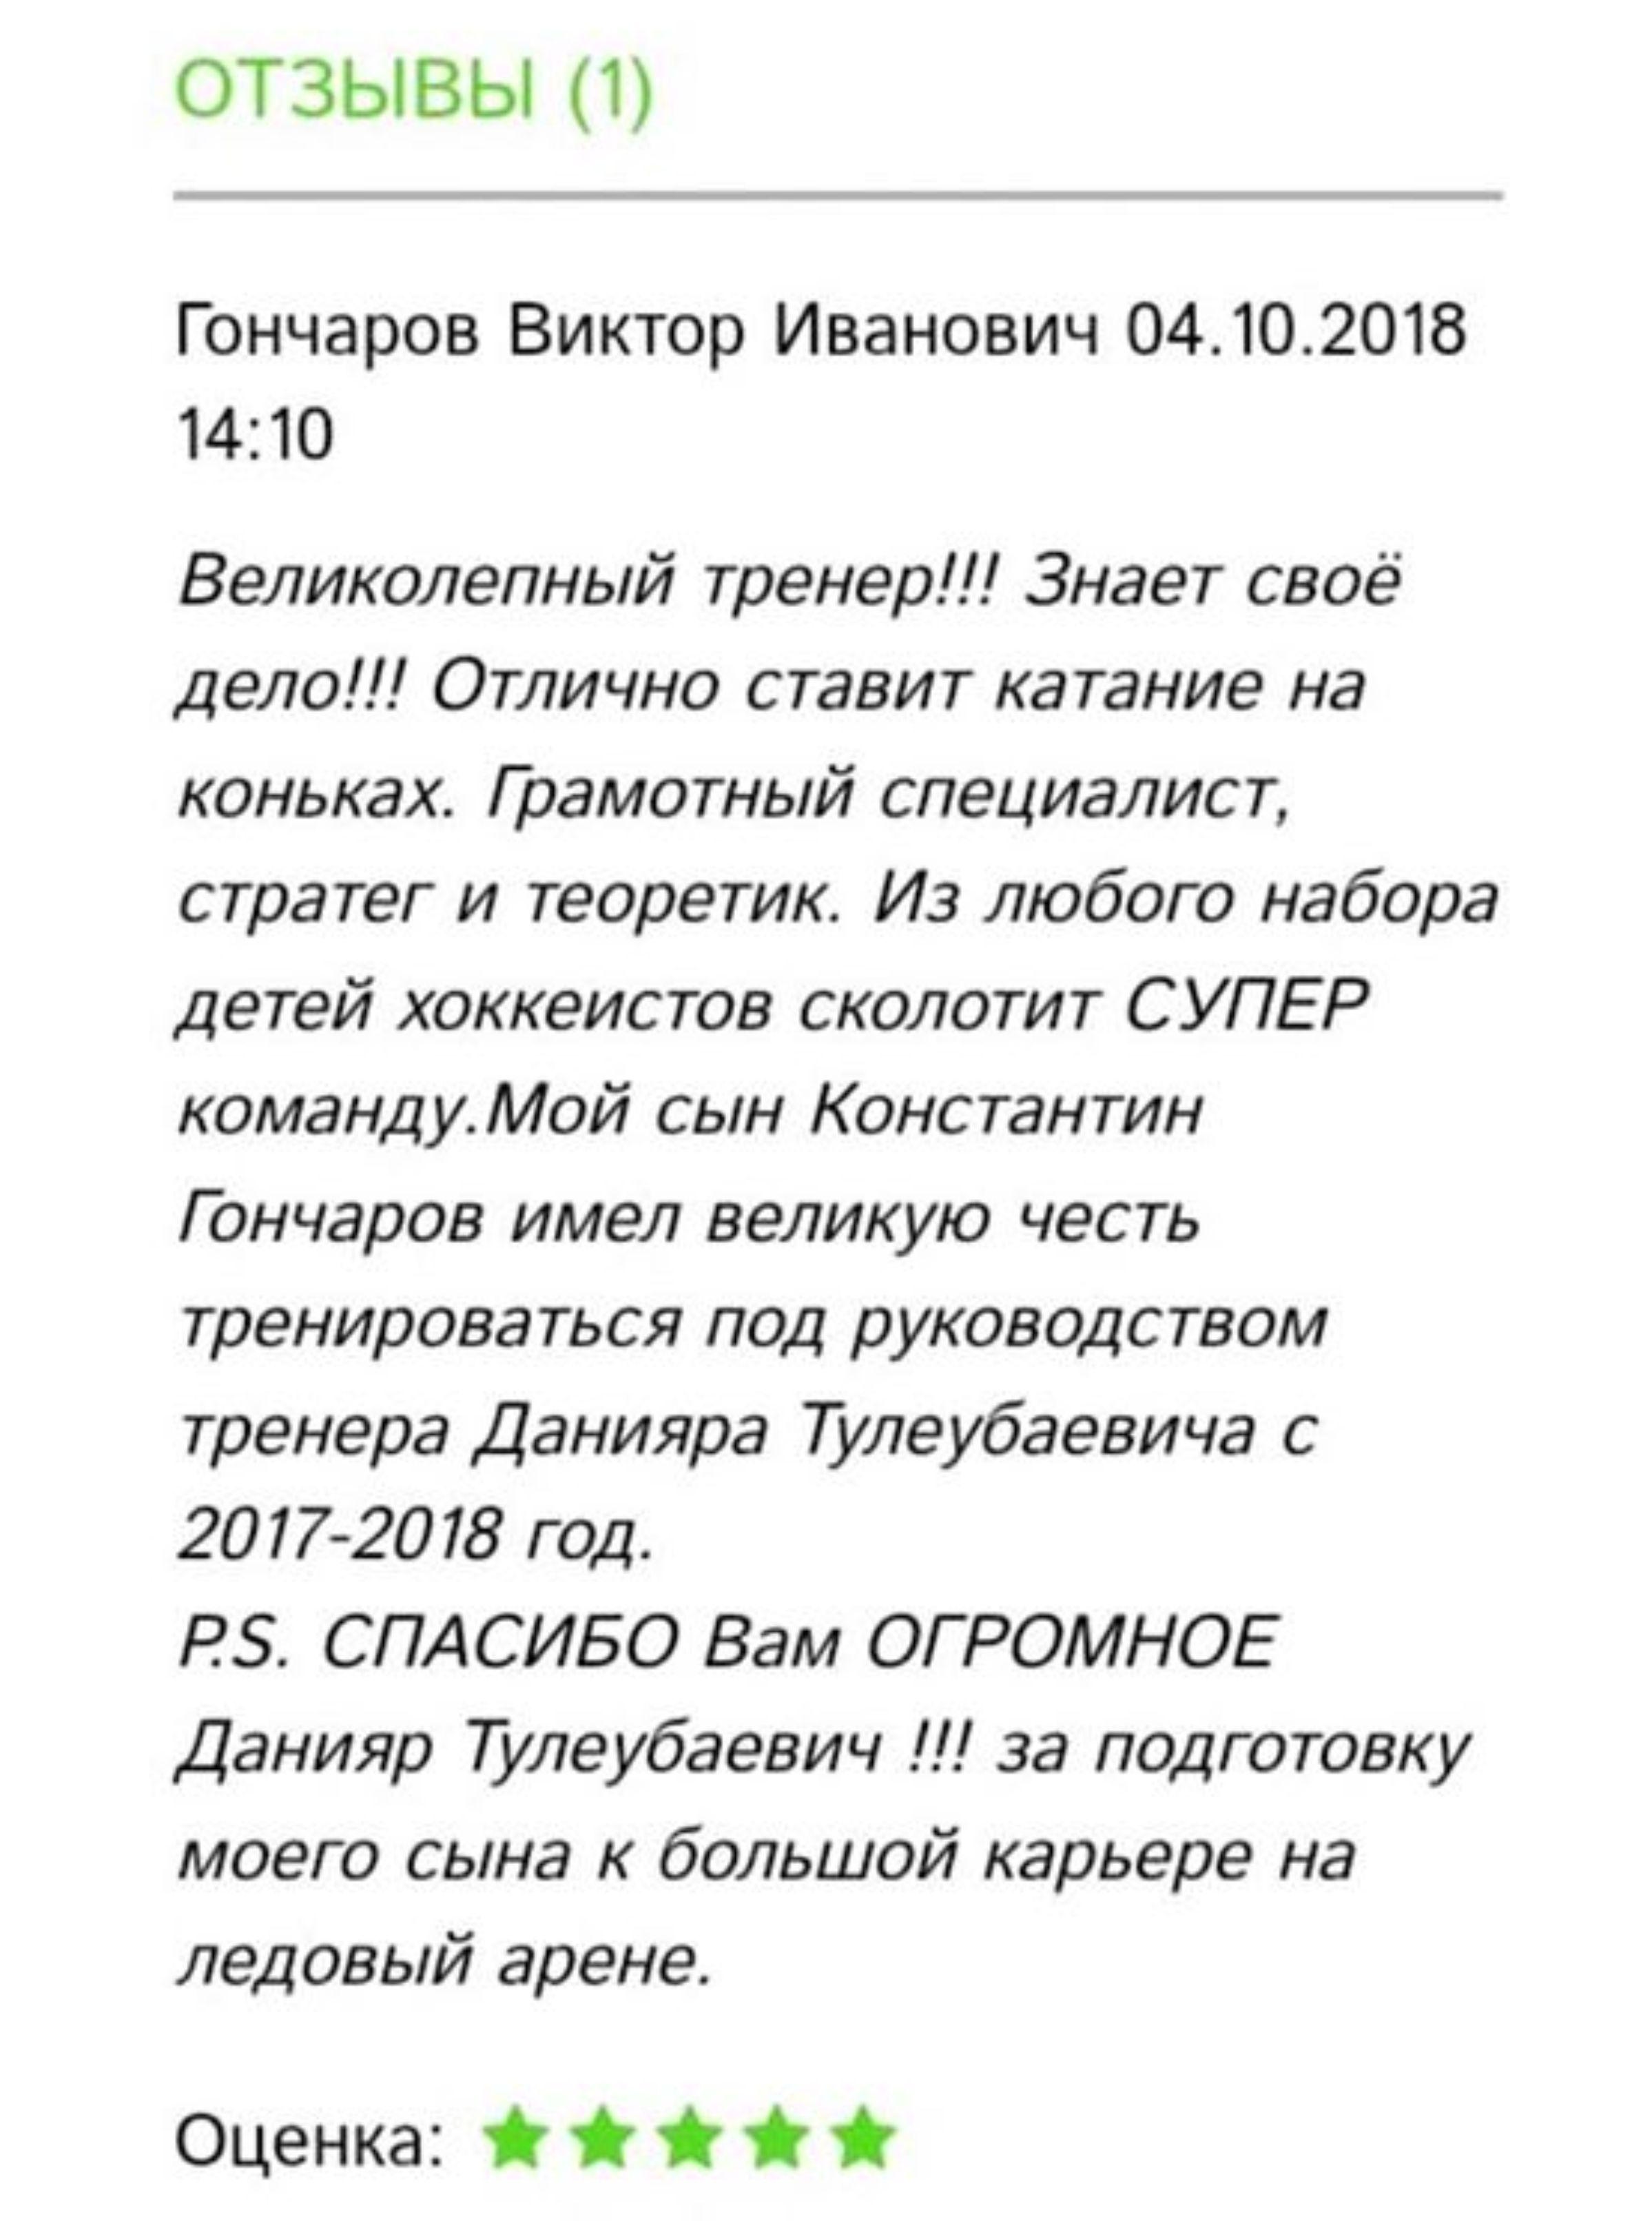 отзыв_тренеру_по_хоккею_Алматы.jpg